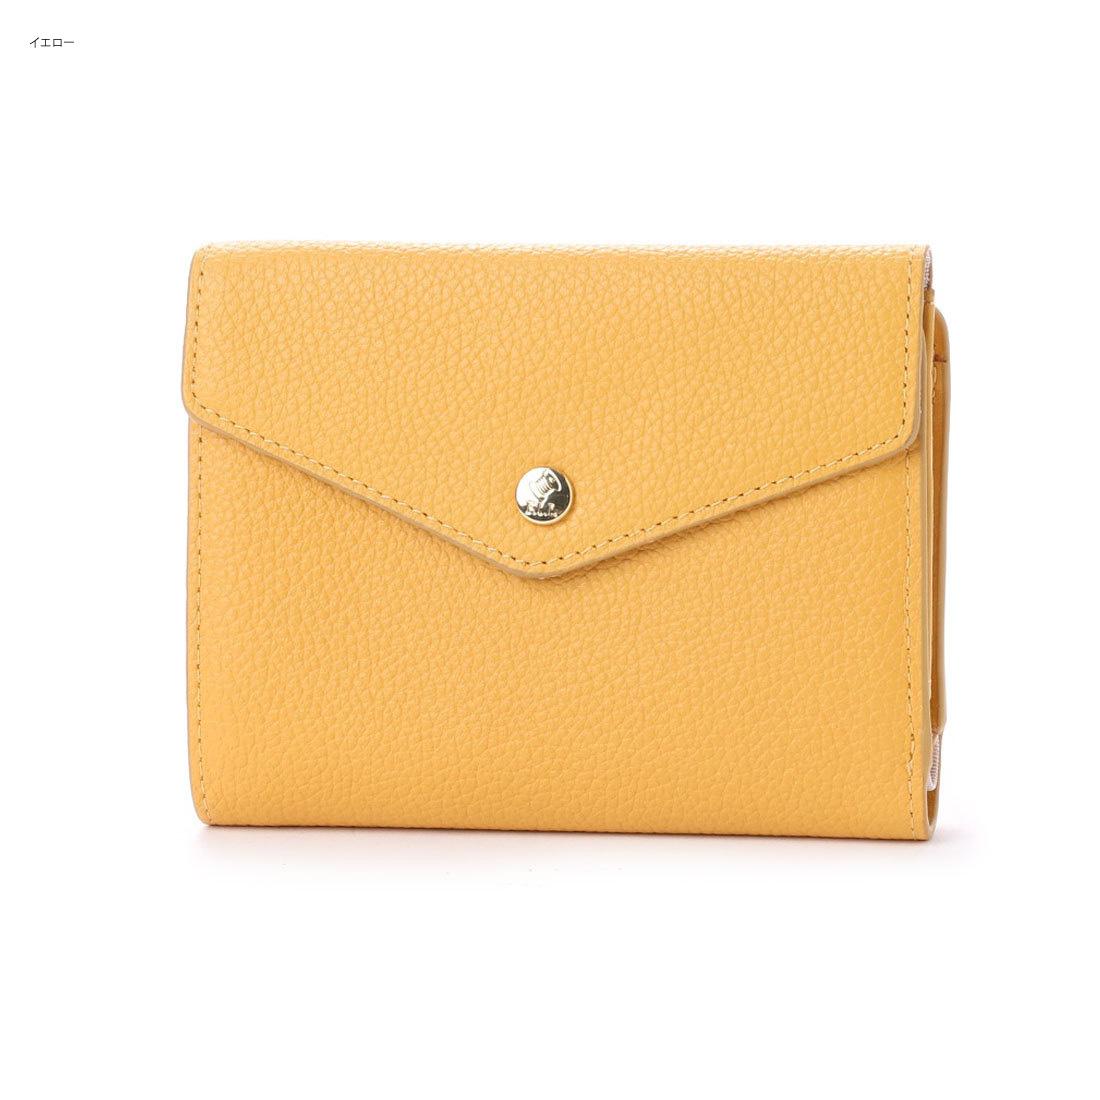 LE CHEVAL AILE(シュヴァル・エレ)Binaire (ビネール)シュリンク スムースレザー 封筒型 フラップ 二つ折ウォレット / 二つ折り財布